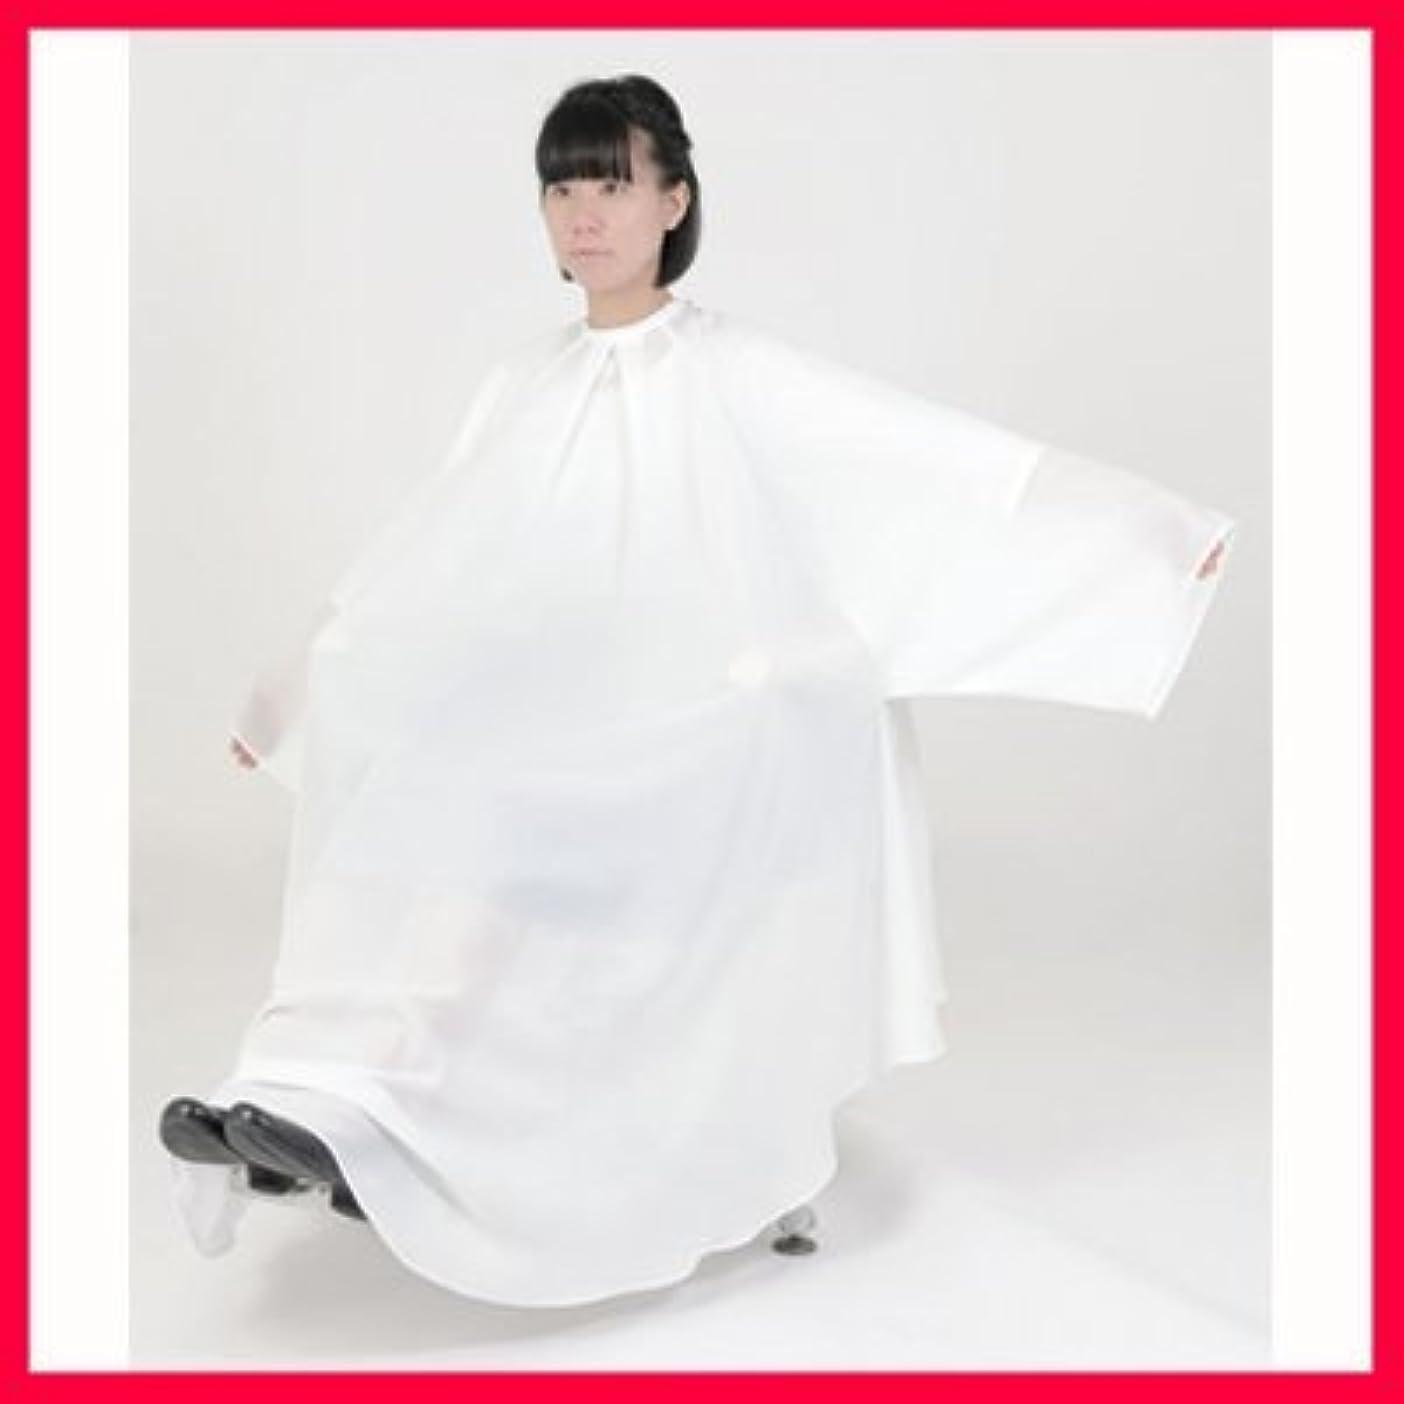 アナリスト大臣なめるエクセル 8112 ビッグドレス(カット)ホワイト